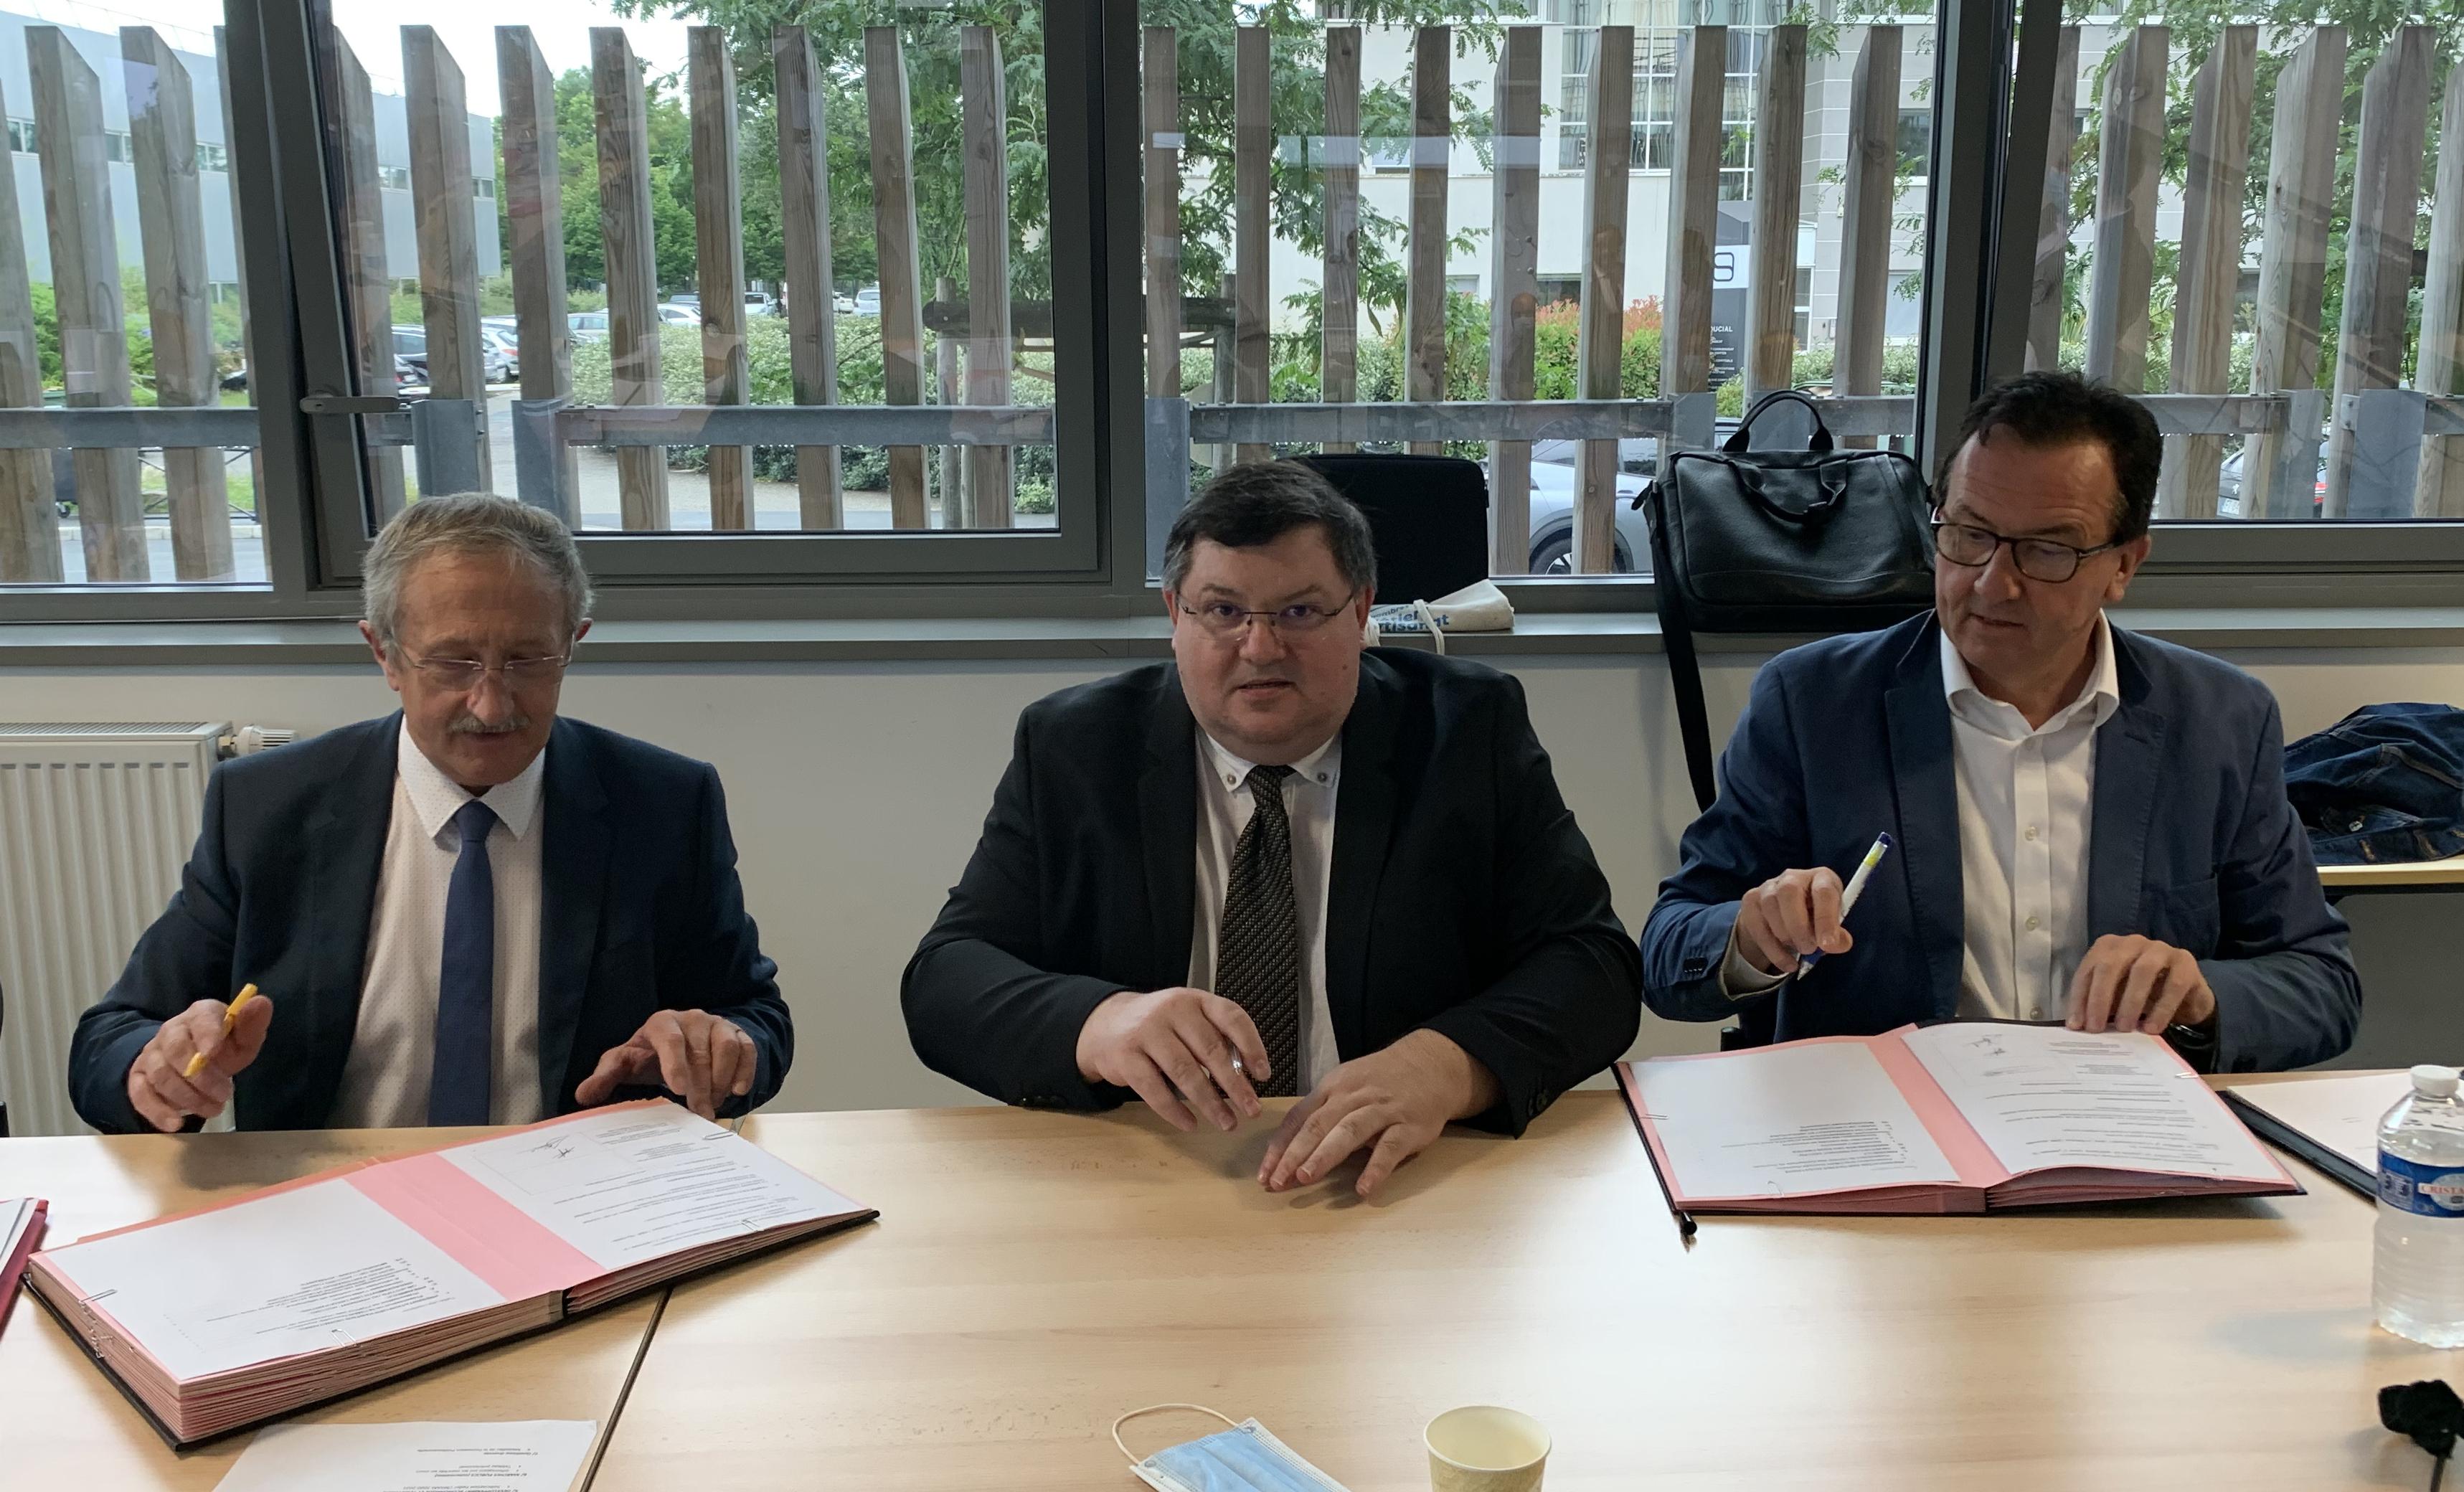 De gauche à droite : Jean Pierre GROS, Président de la CMA NA, Gaëtan GRIFFON, Président de la Commission Paritaire Régionale, et Jean-Michel GAUTHERON, son vice-président..